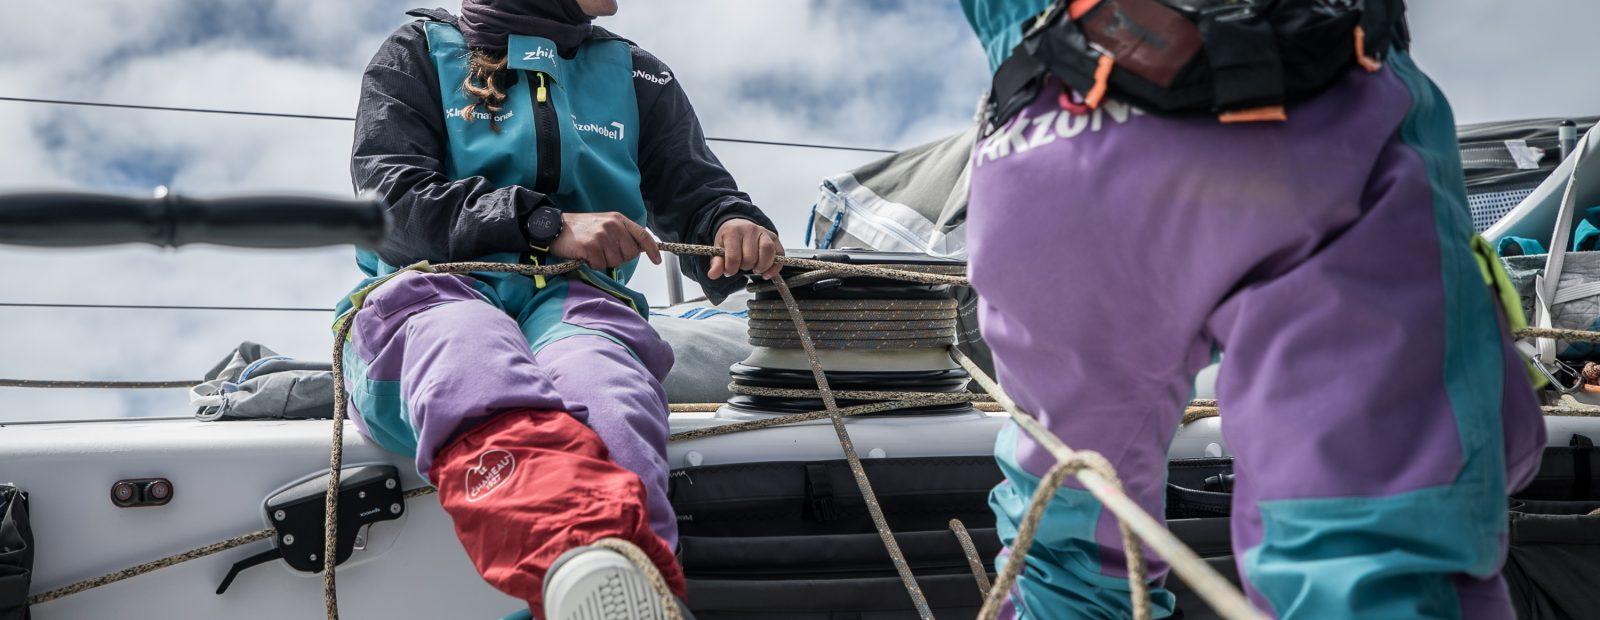 Martine Grael experimentando configurações diferentes. A equipe está com bom saldo.| Foto: James Blake/Volvo Ocean Race